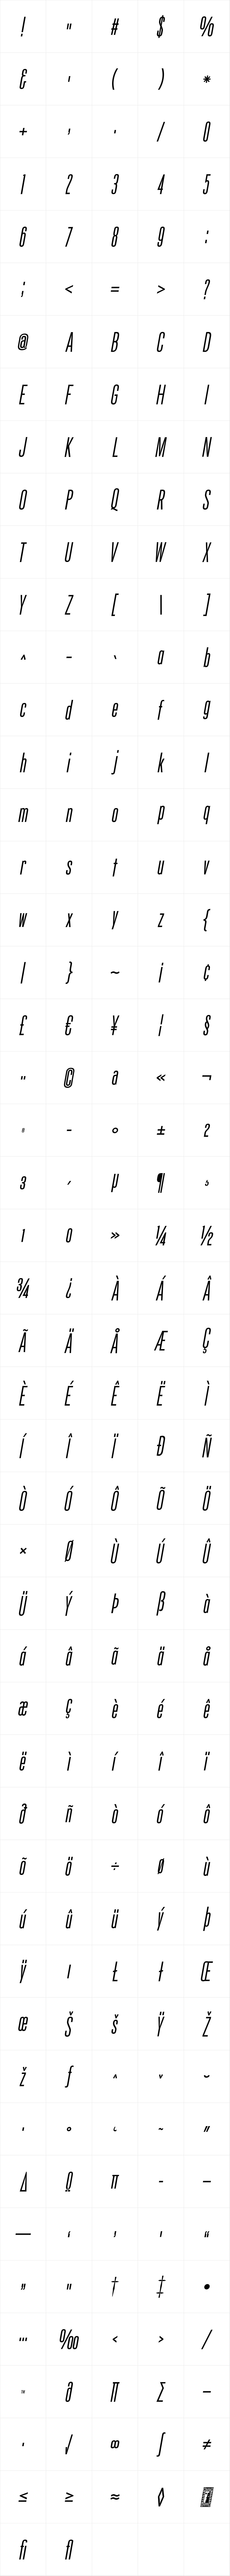 Silverscreen Italic